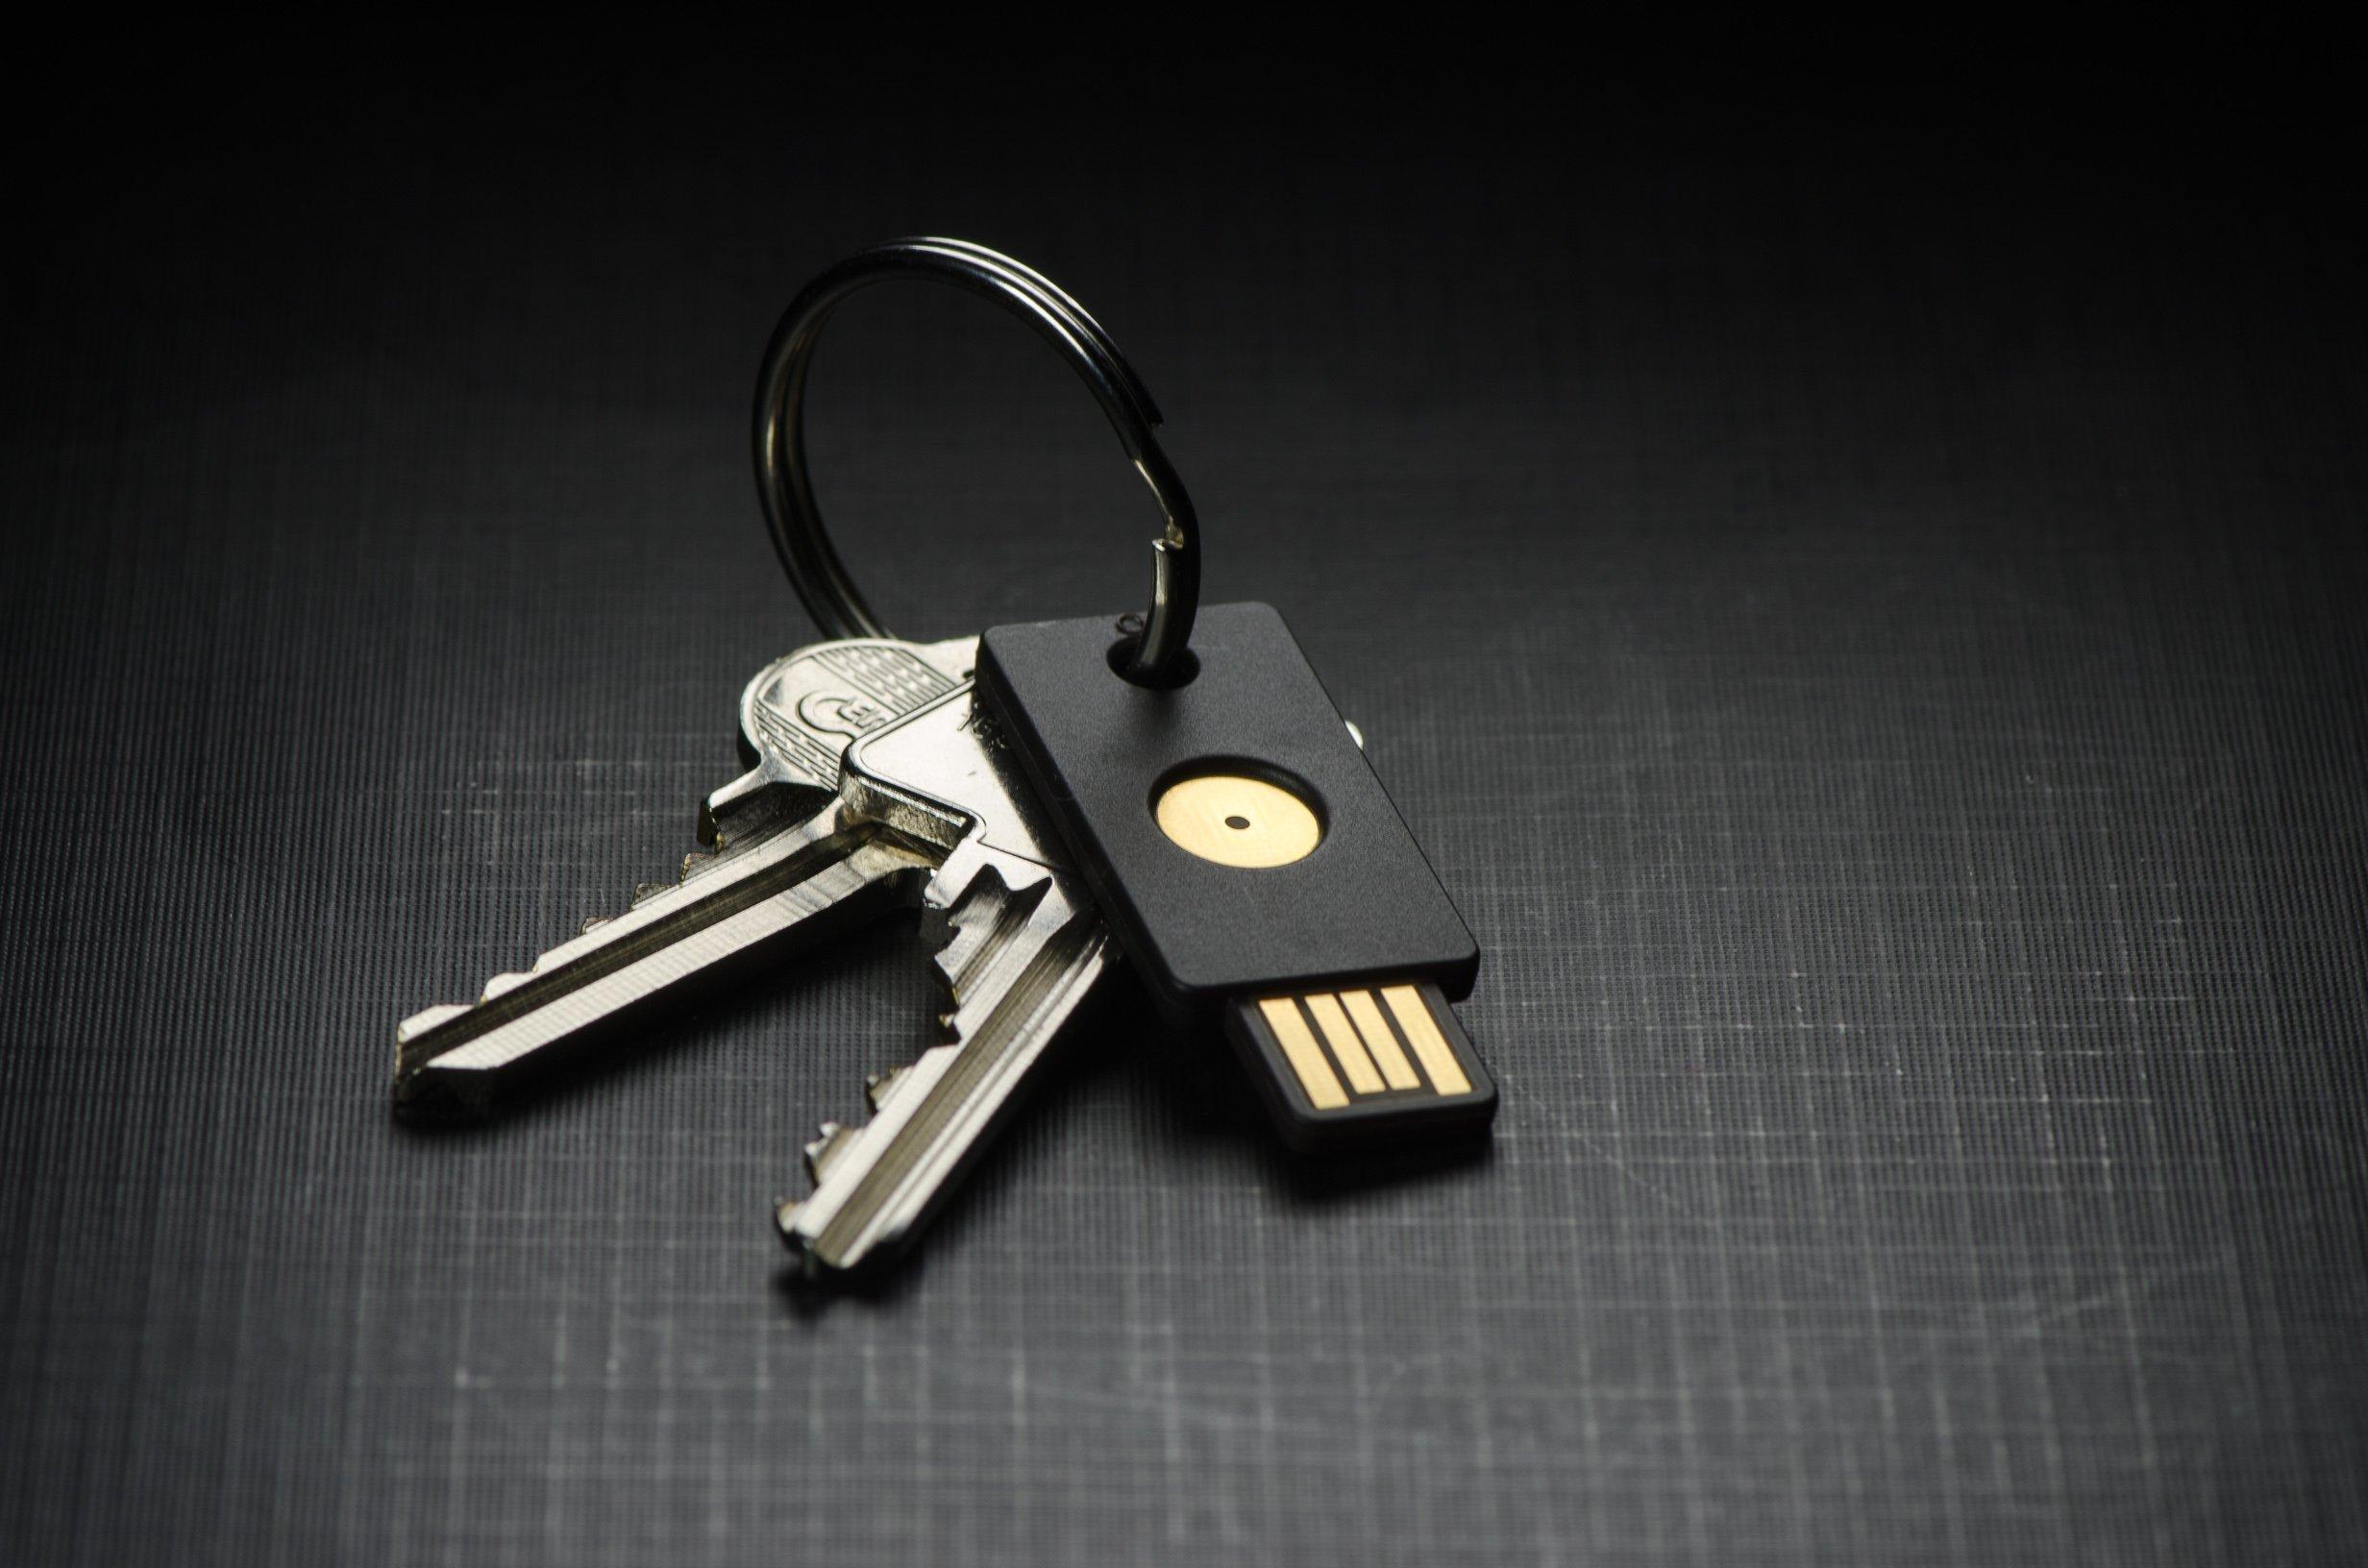 YubiKey Standard am Schlüsselbund - Quelle: Yubico